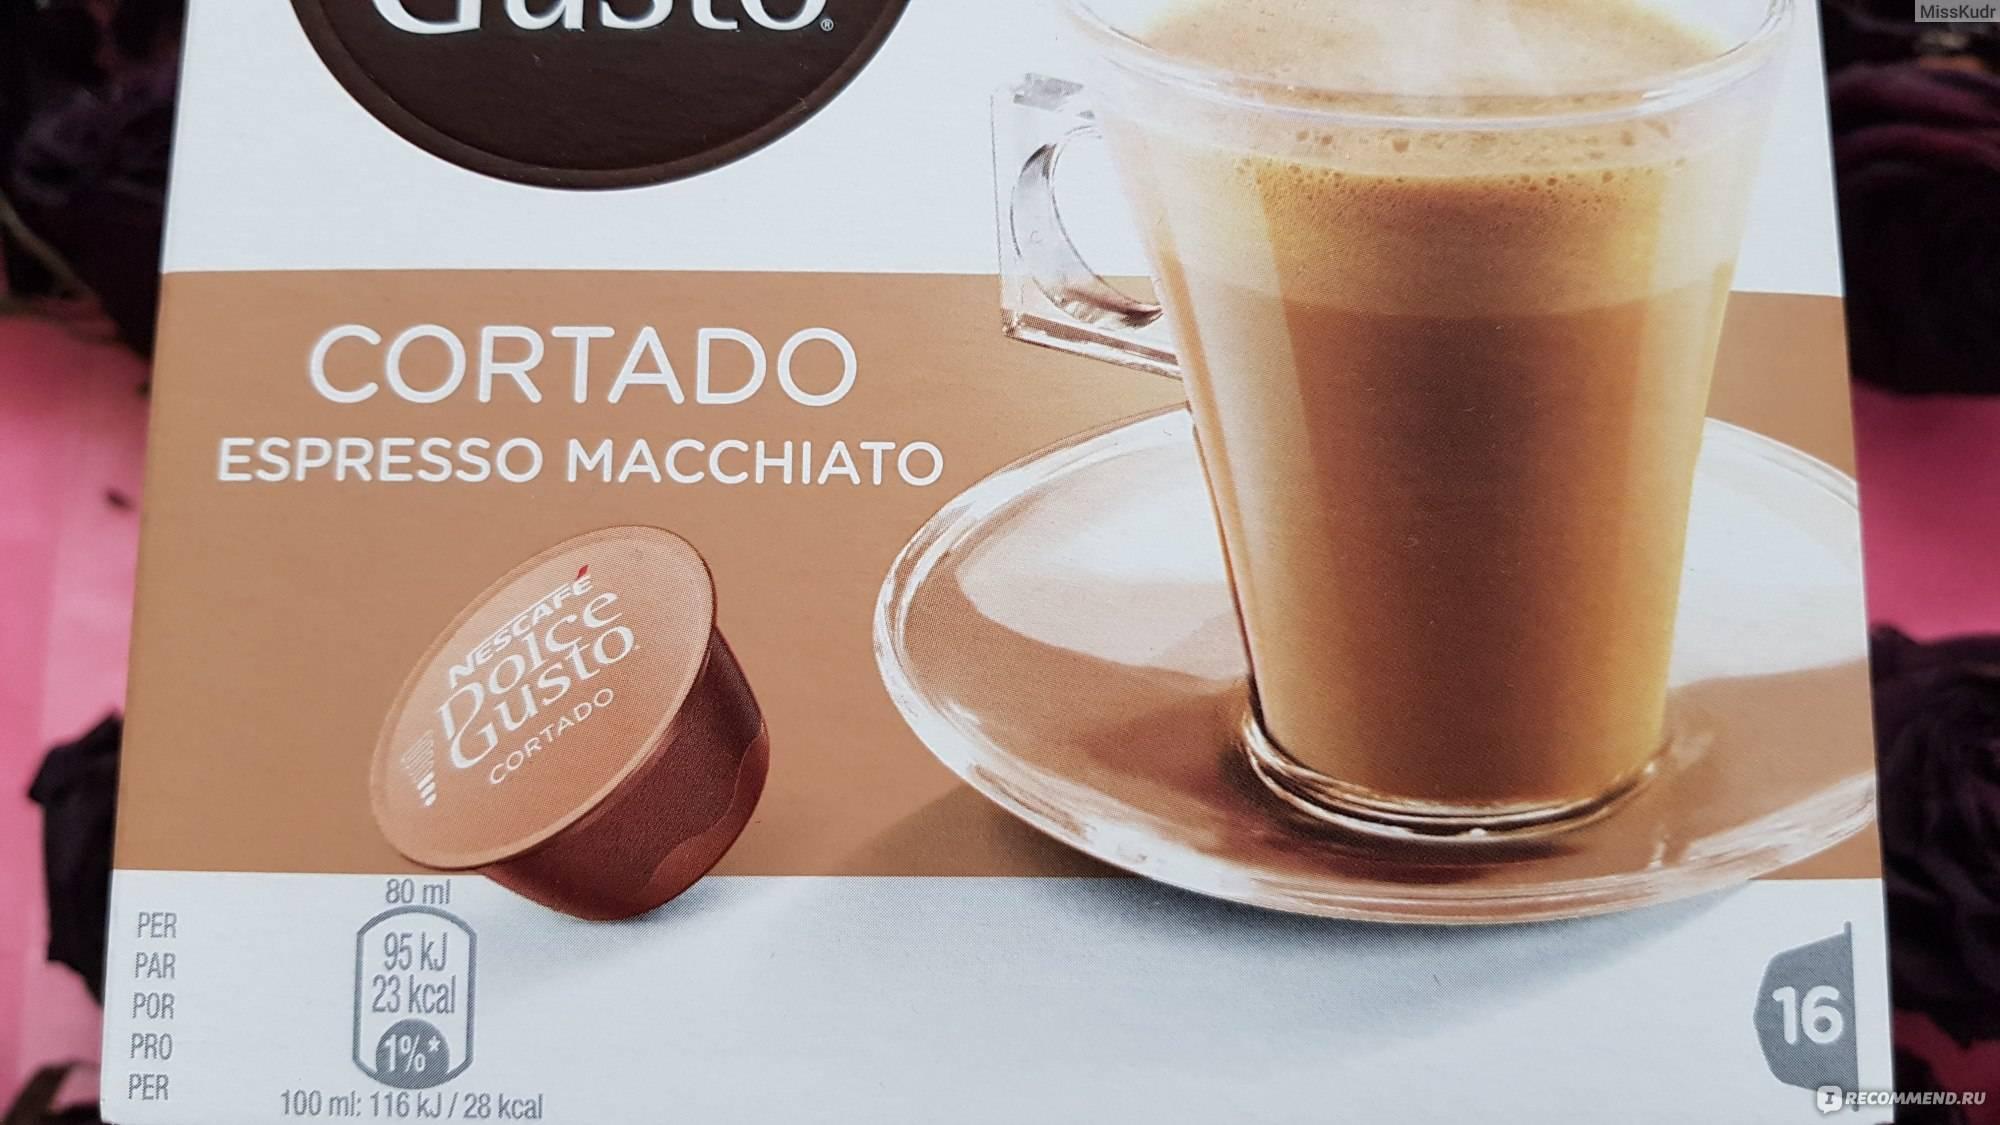 Кофе кортадо: что это такое, рецепты, как подают и пьют